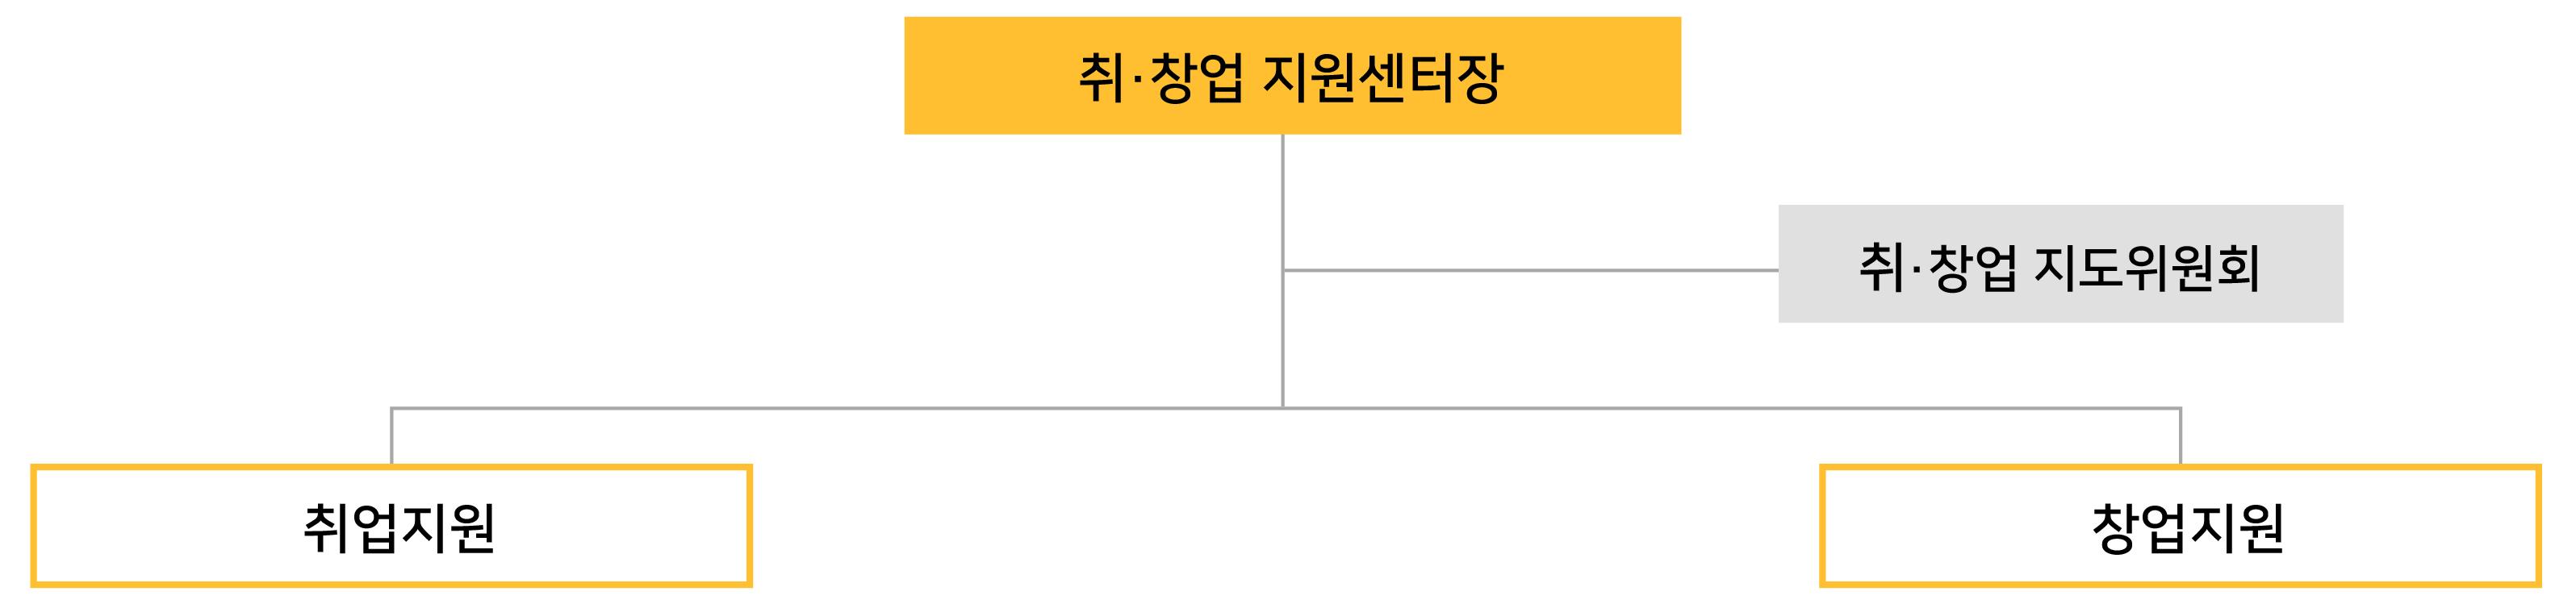 취·창업 지원센터장 취·창업 지도위원회 취업지원, 창업지원